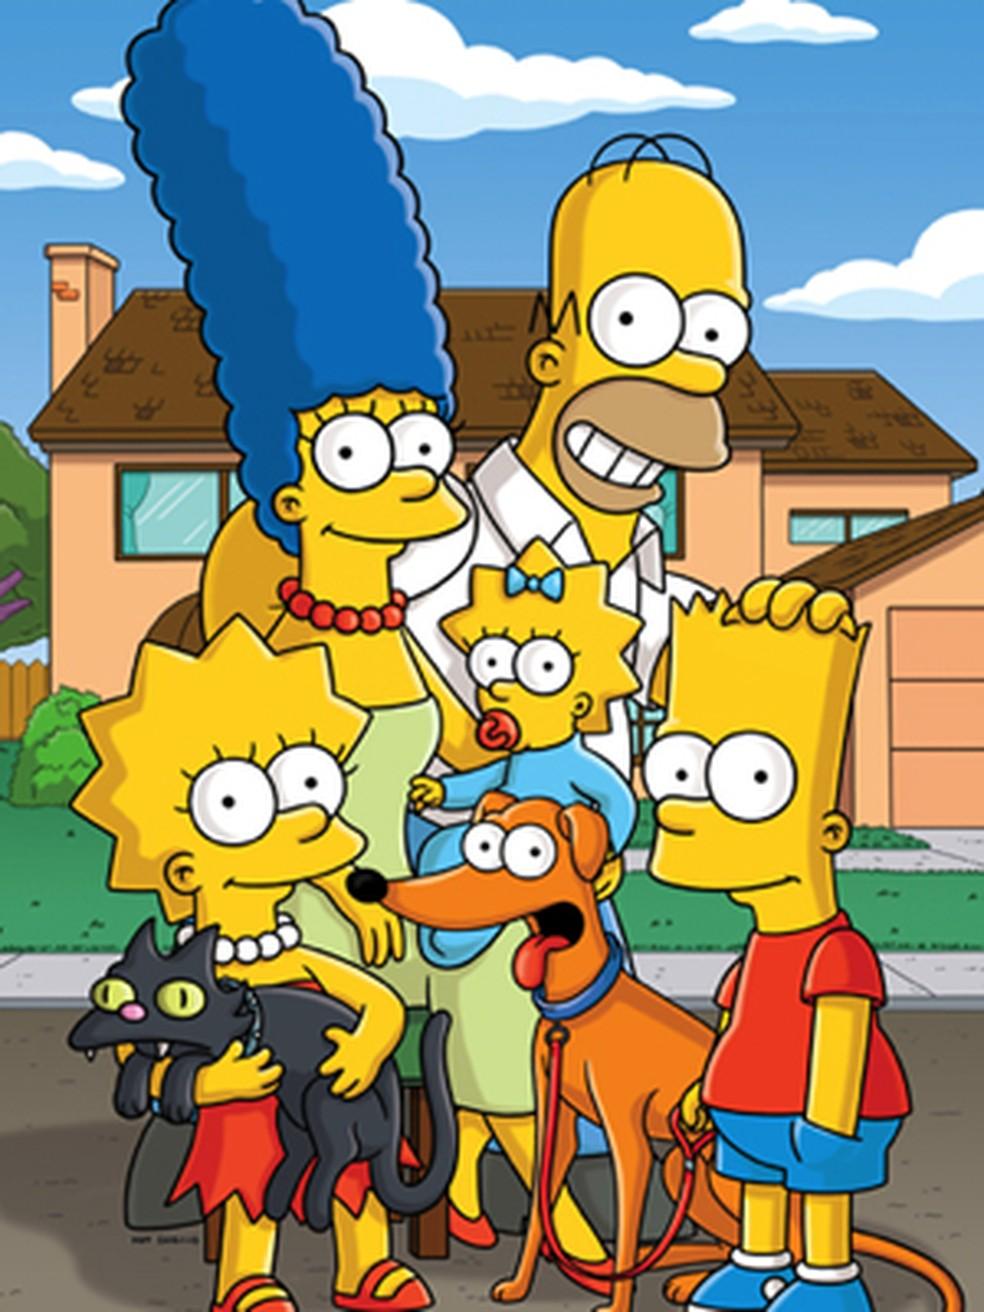 Os Simpsons' celebra 'dia internacional' e completa 30 anos em dezembro |  Pop & Arte | G1